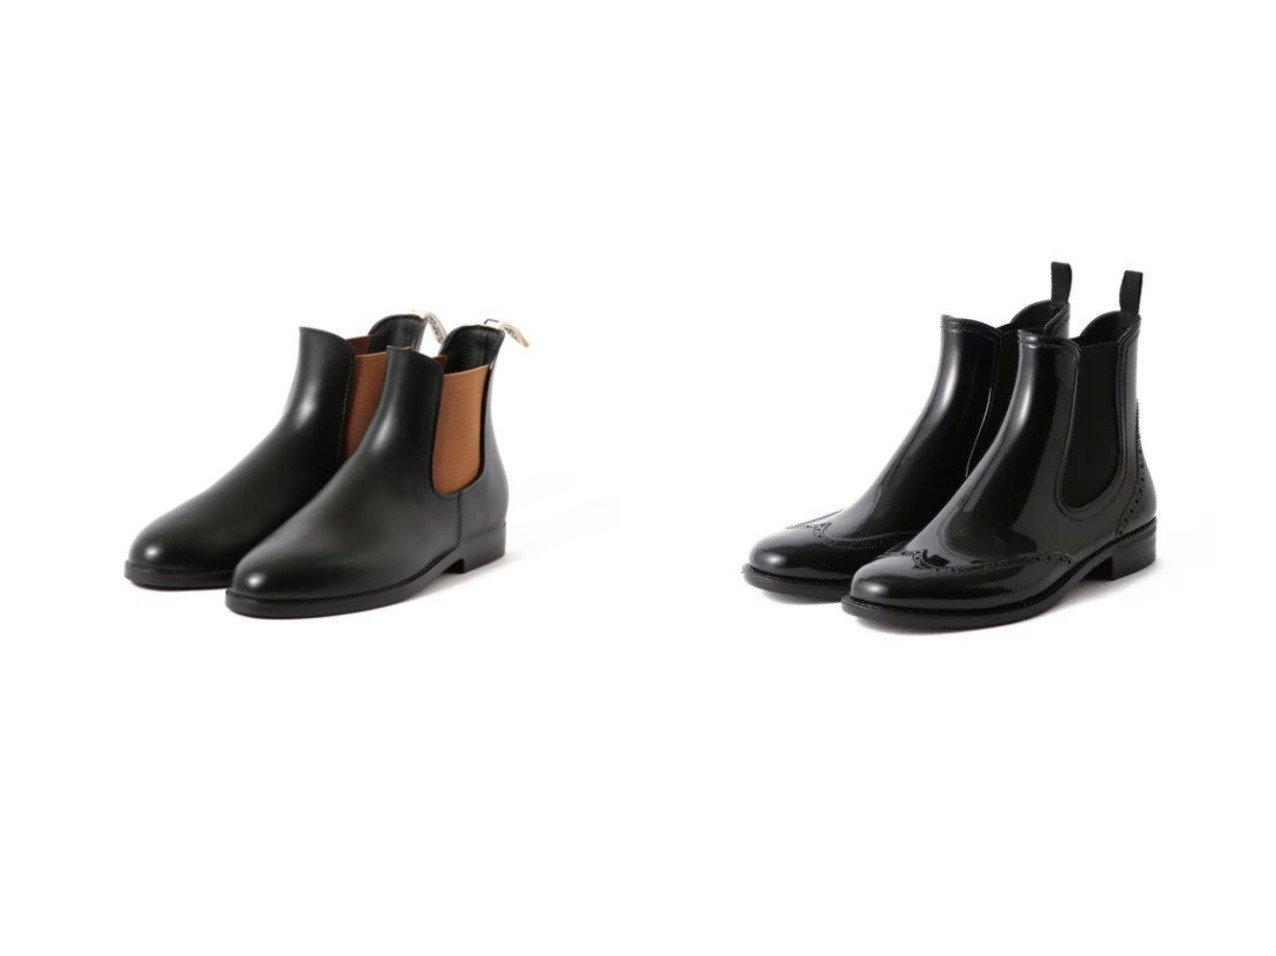 【Demi-Luxe BEAMS/デミルクス ビームス】のサイドゴア レインブーツ&ウイングチップ サイドゴア レインブーツ シューズ・靴のおすすめ!人気、トレンド・レディースファッションの通販  おすすめで人気の流行・トレンド、ファッションの通販商品 メンズファッション・キッズファッション・インテリア・家具・レディースファッション・服の通販 founy(ファニー) https://founy.com/ ファッション Fashion レディースファッション WOMEN キルティング シューズ シンプル ジャケット スニーカー フォルム ベーシック |ID:crp329100000019253